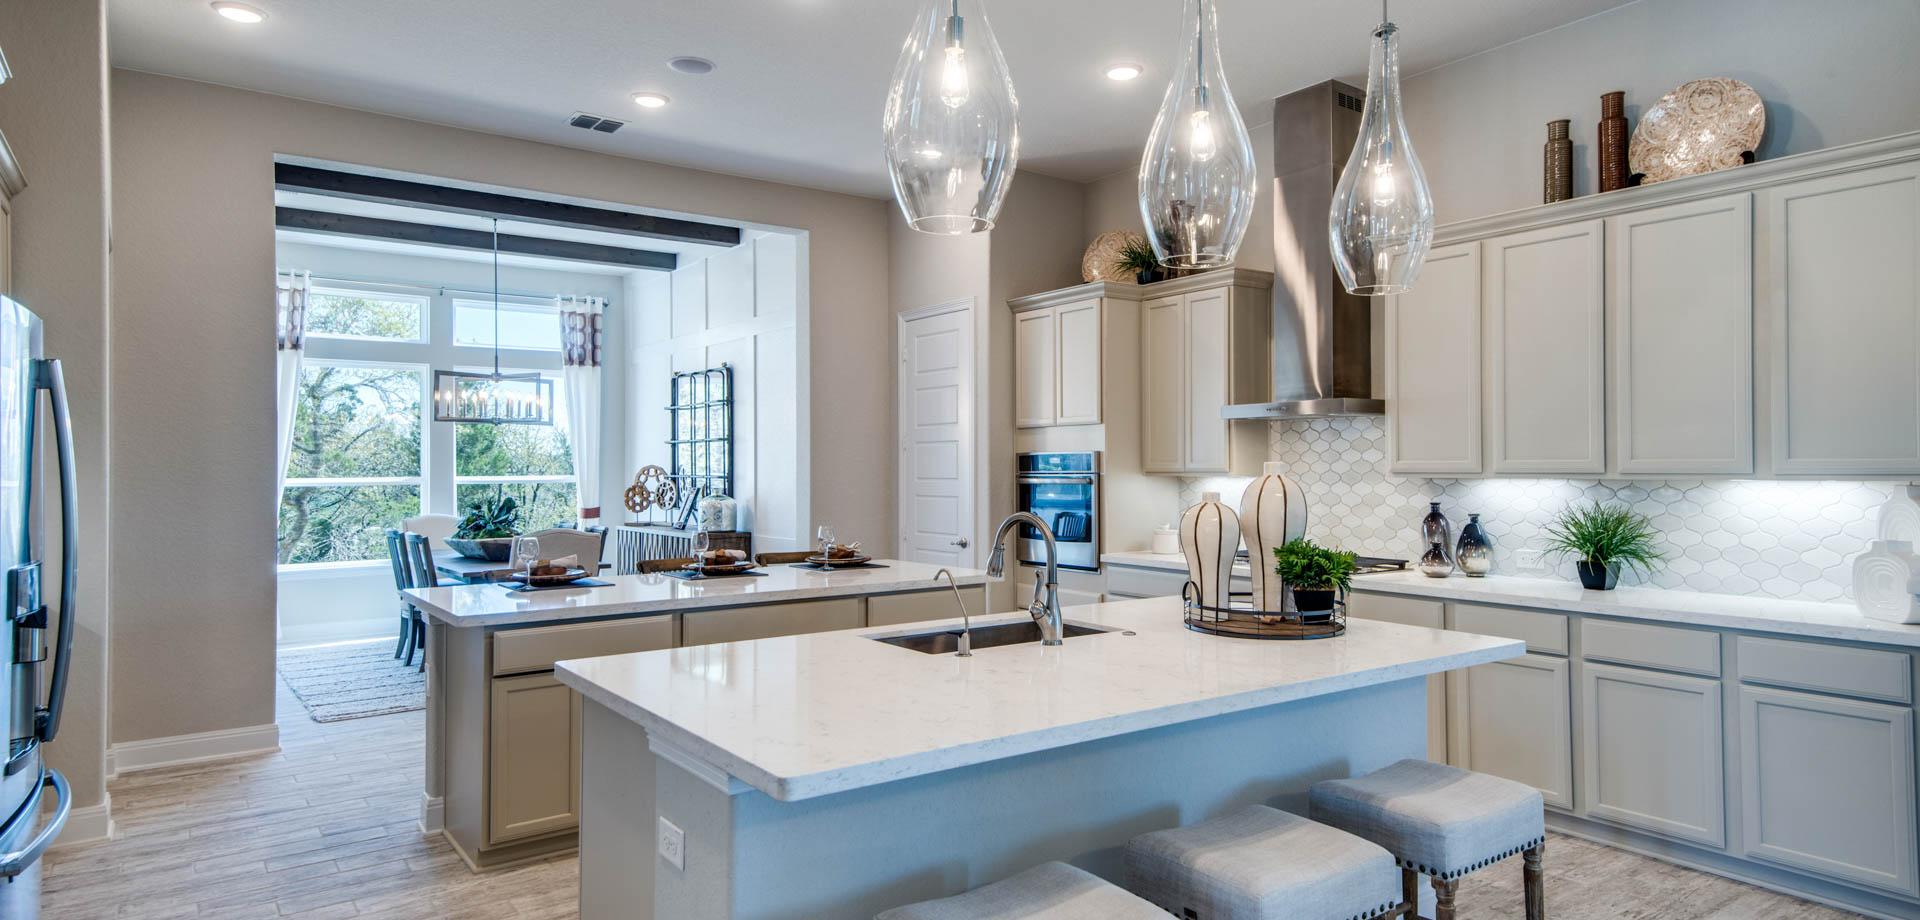 open vs closed kitchen designs  chesmar homes